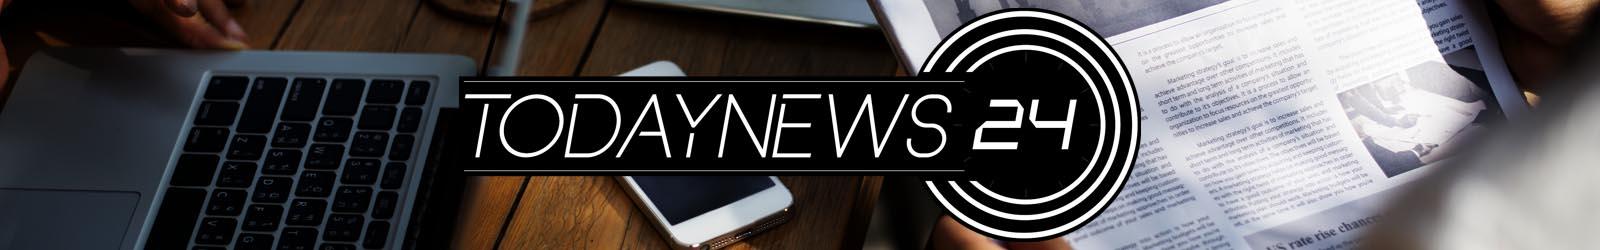 Today News 24 Italia...La Nuova Frontiera dell'Informazione